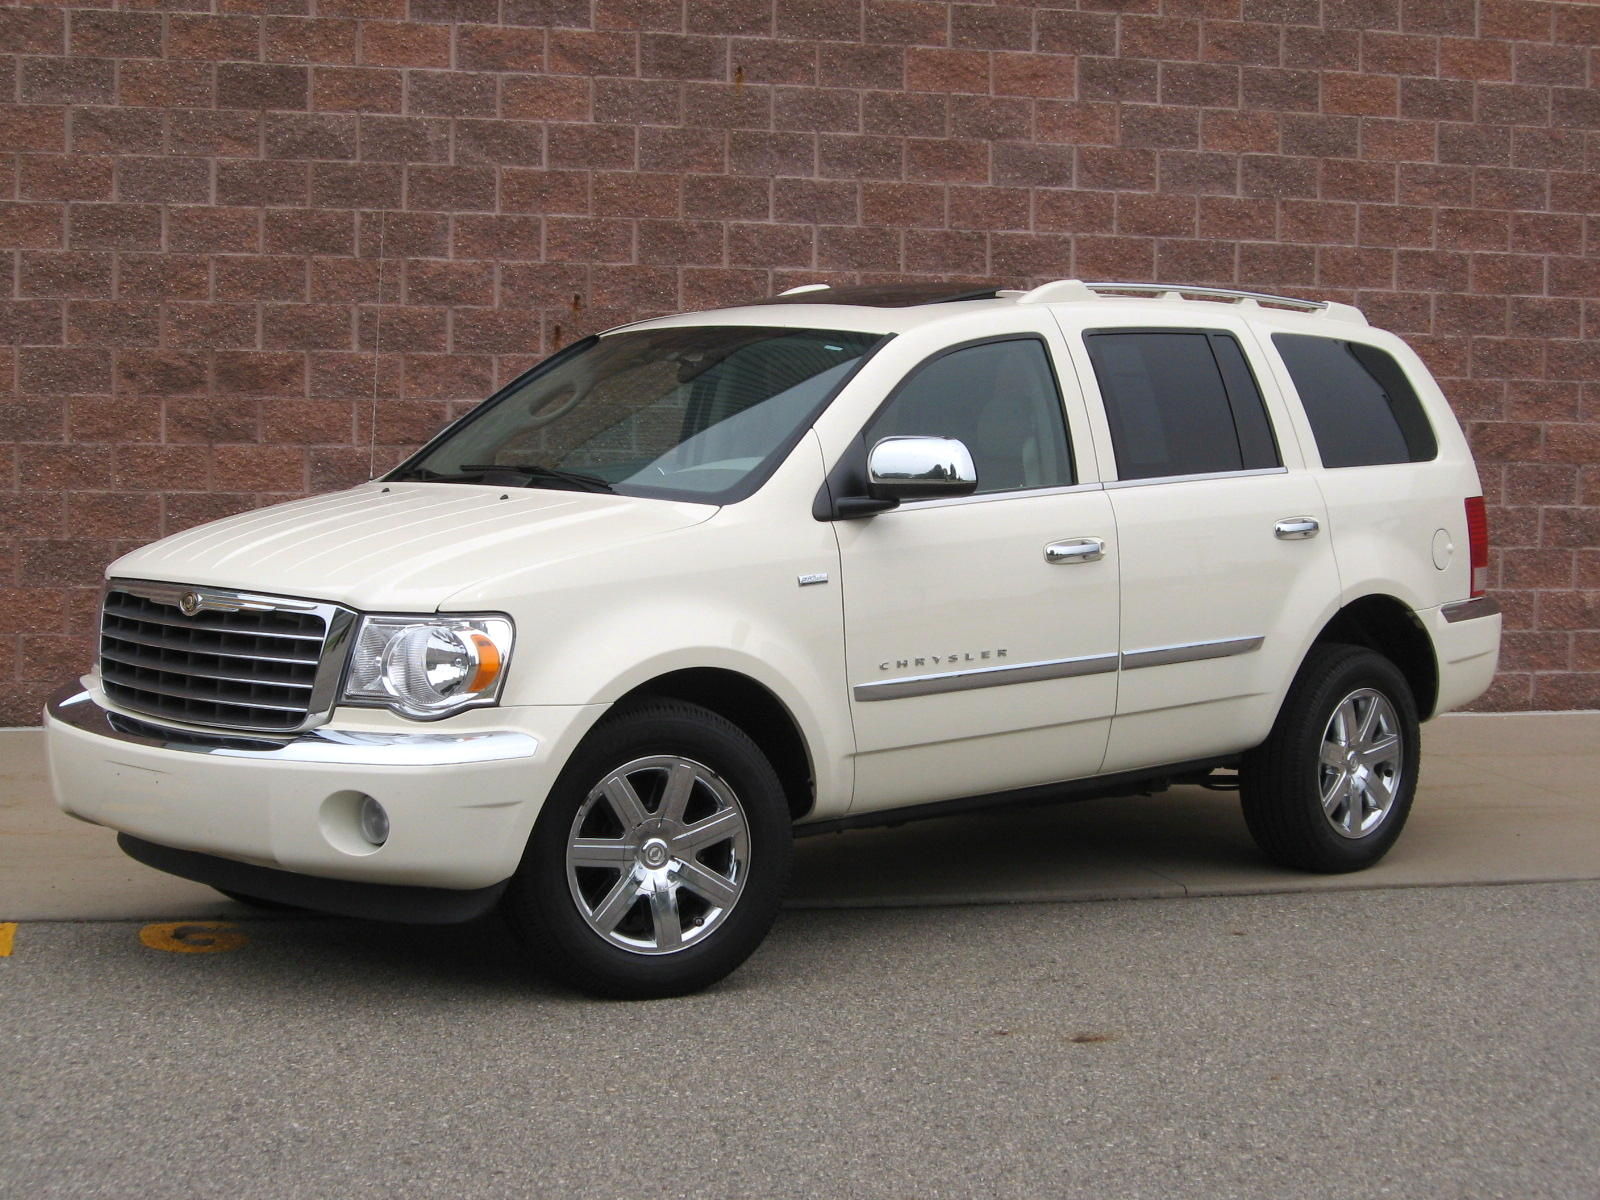 2008 Chrysler Aspen Image 18